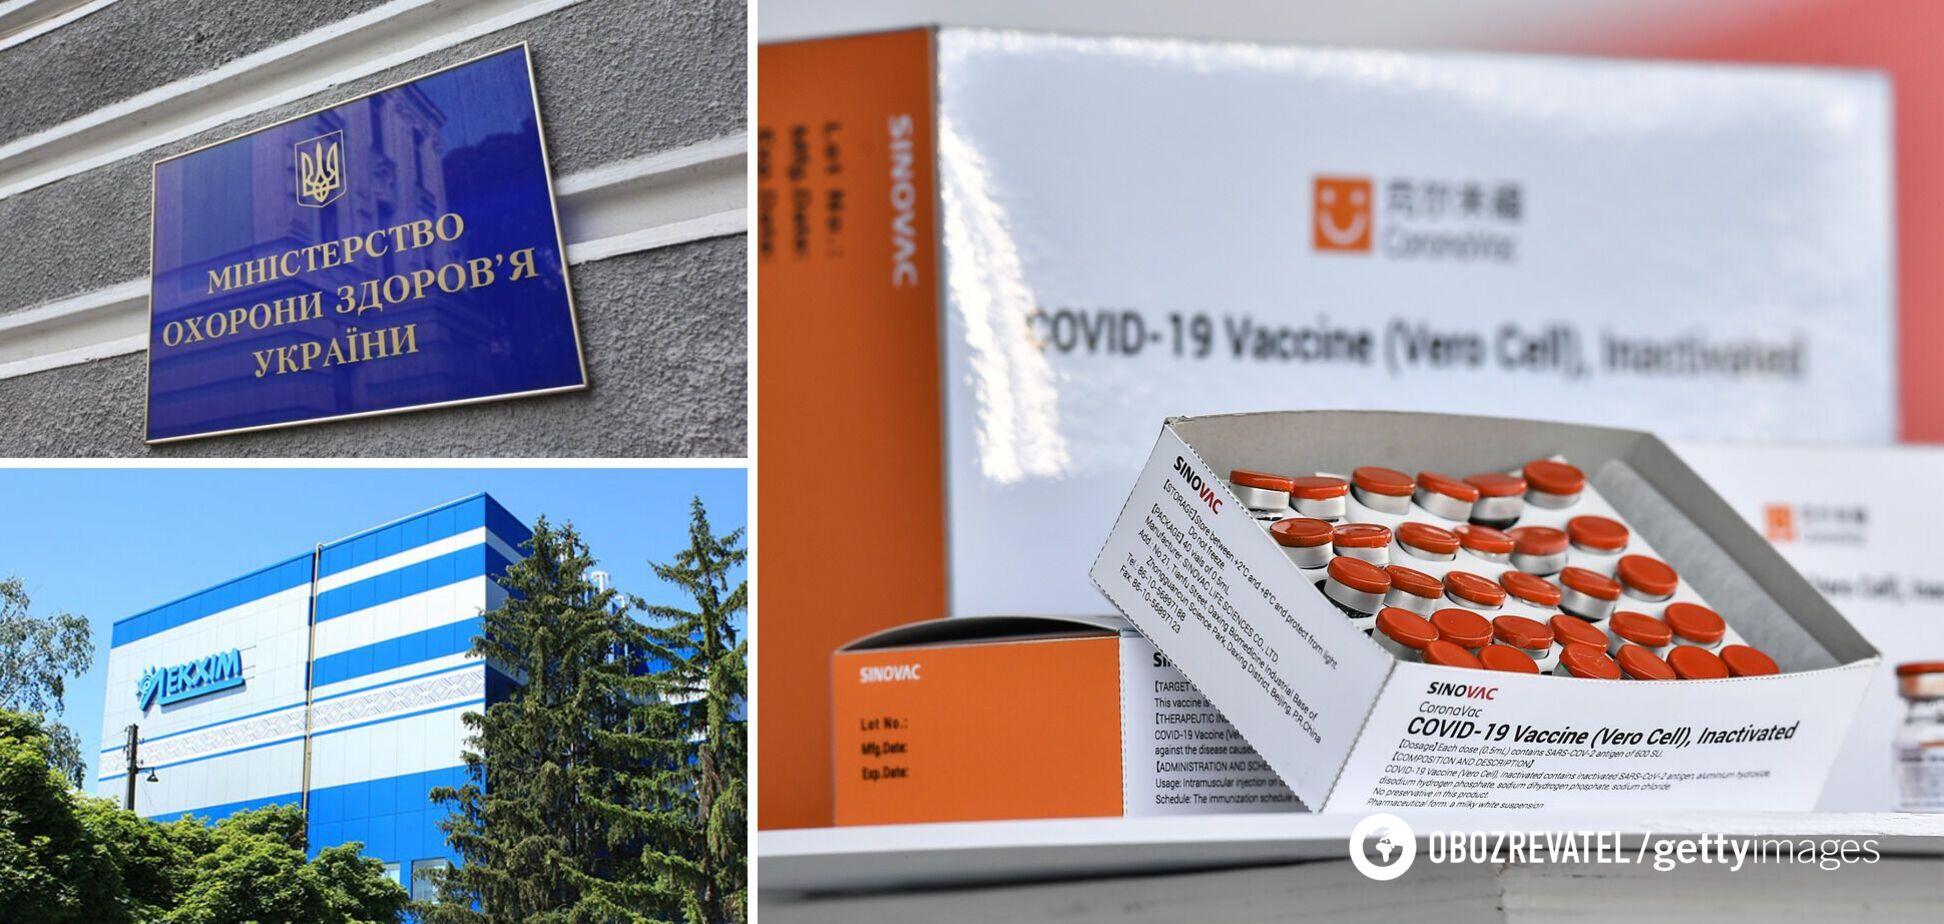 Минздрав намерен оштрафовать 'Лекхим' за срыв поставок китайской вакцины Sinovac